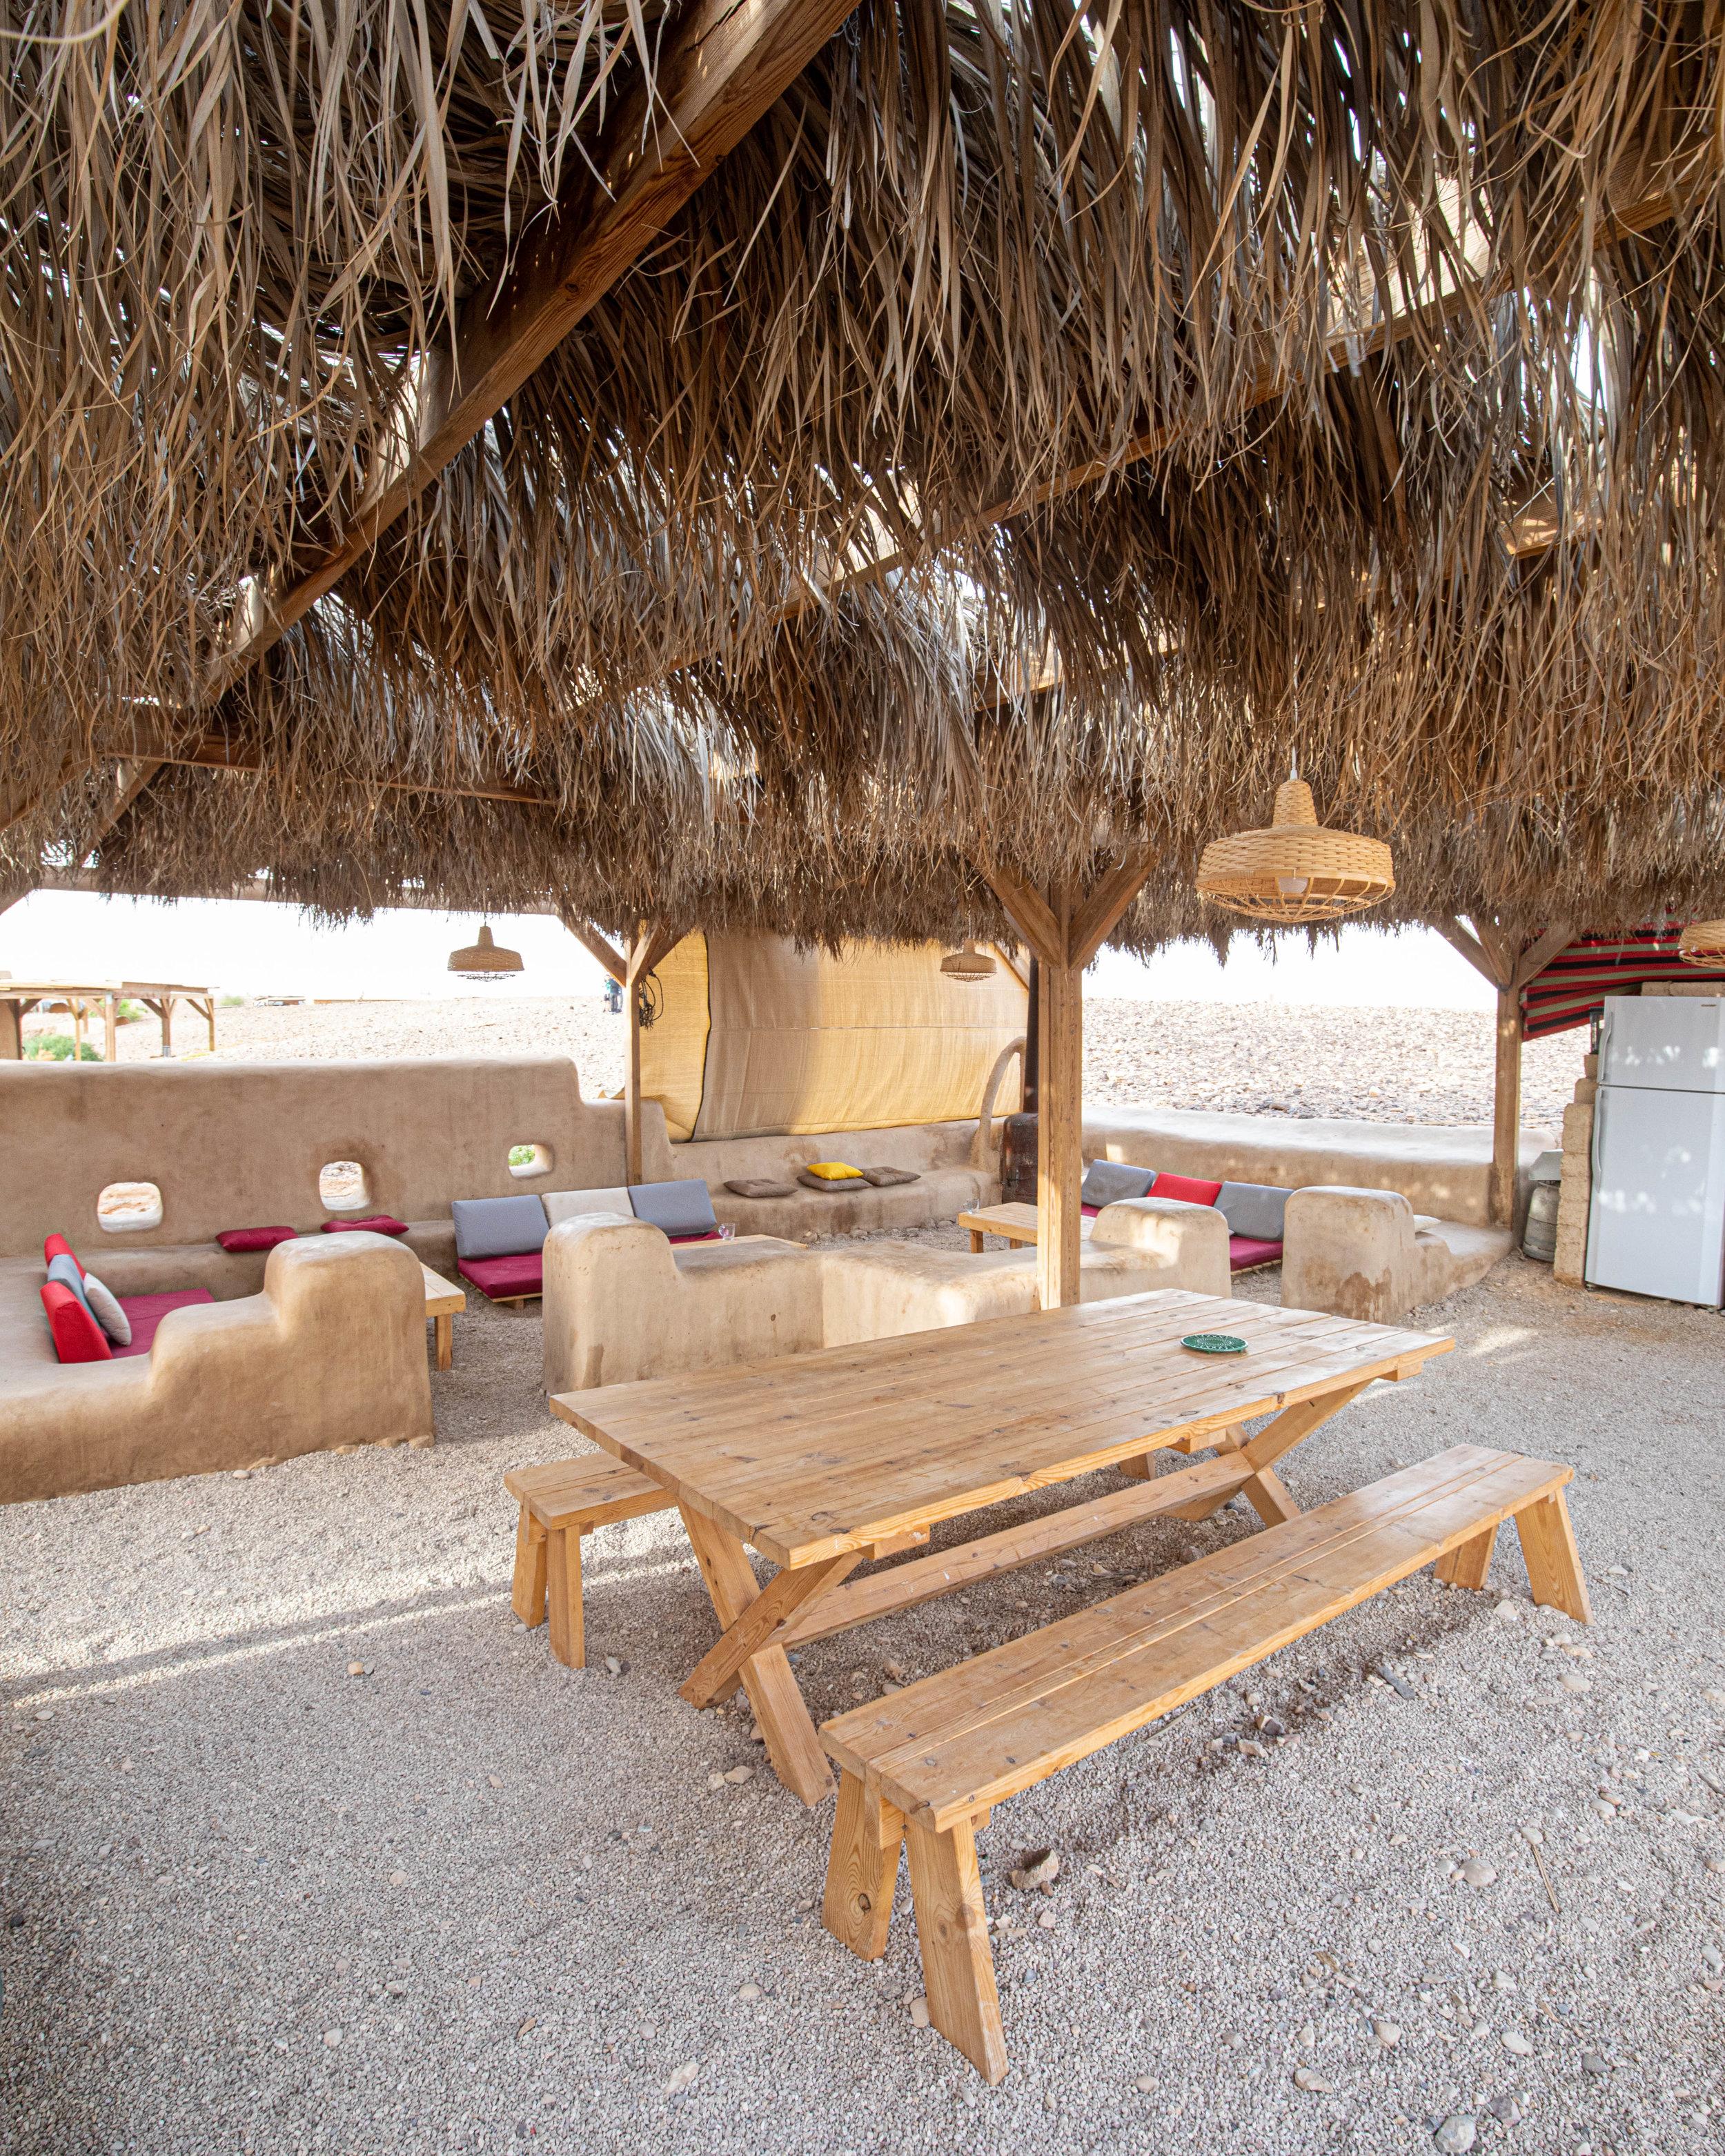 Desert Days in the Negev Desert